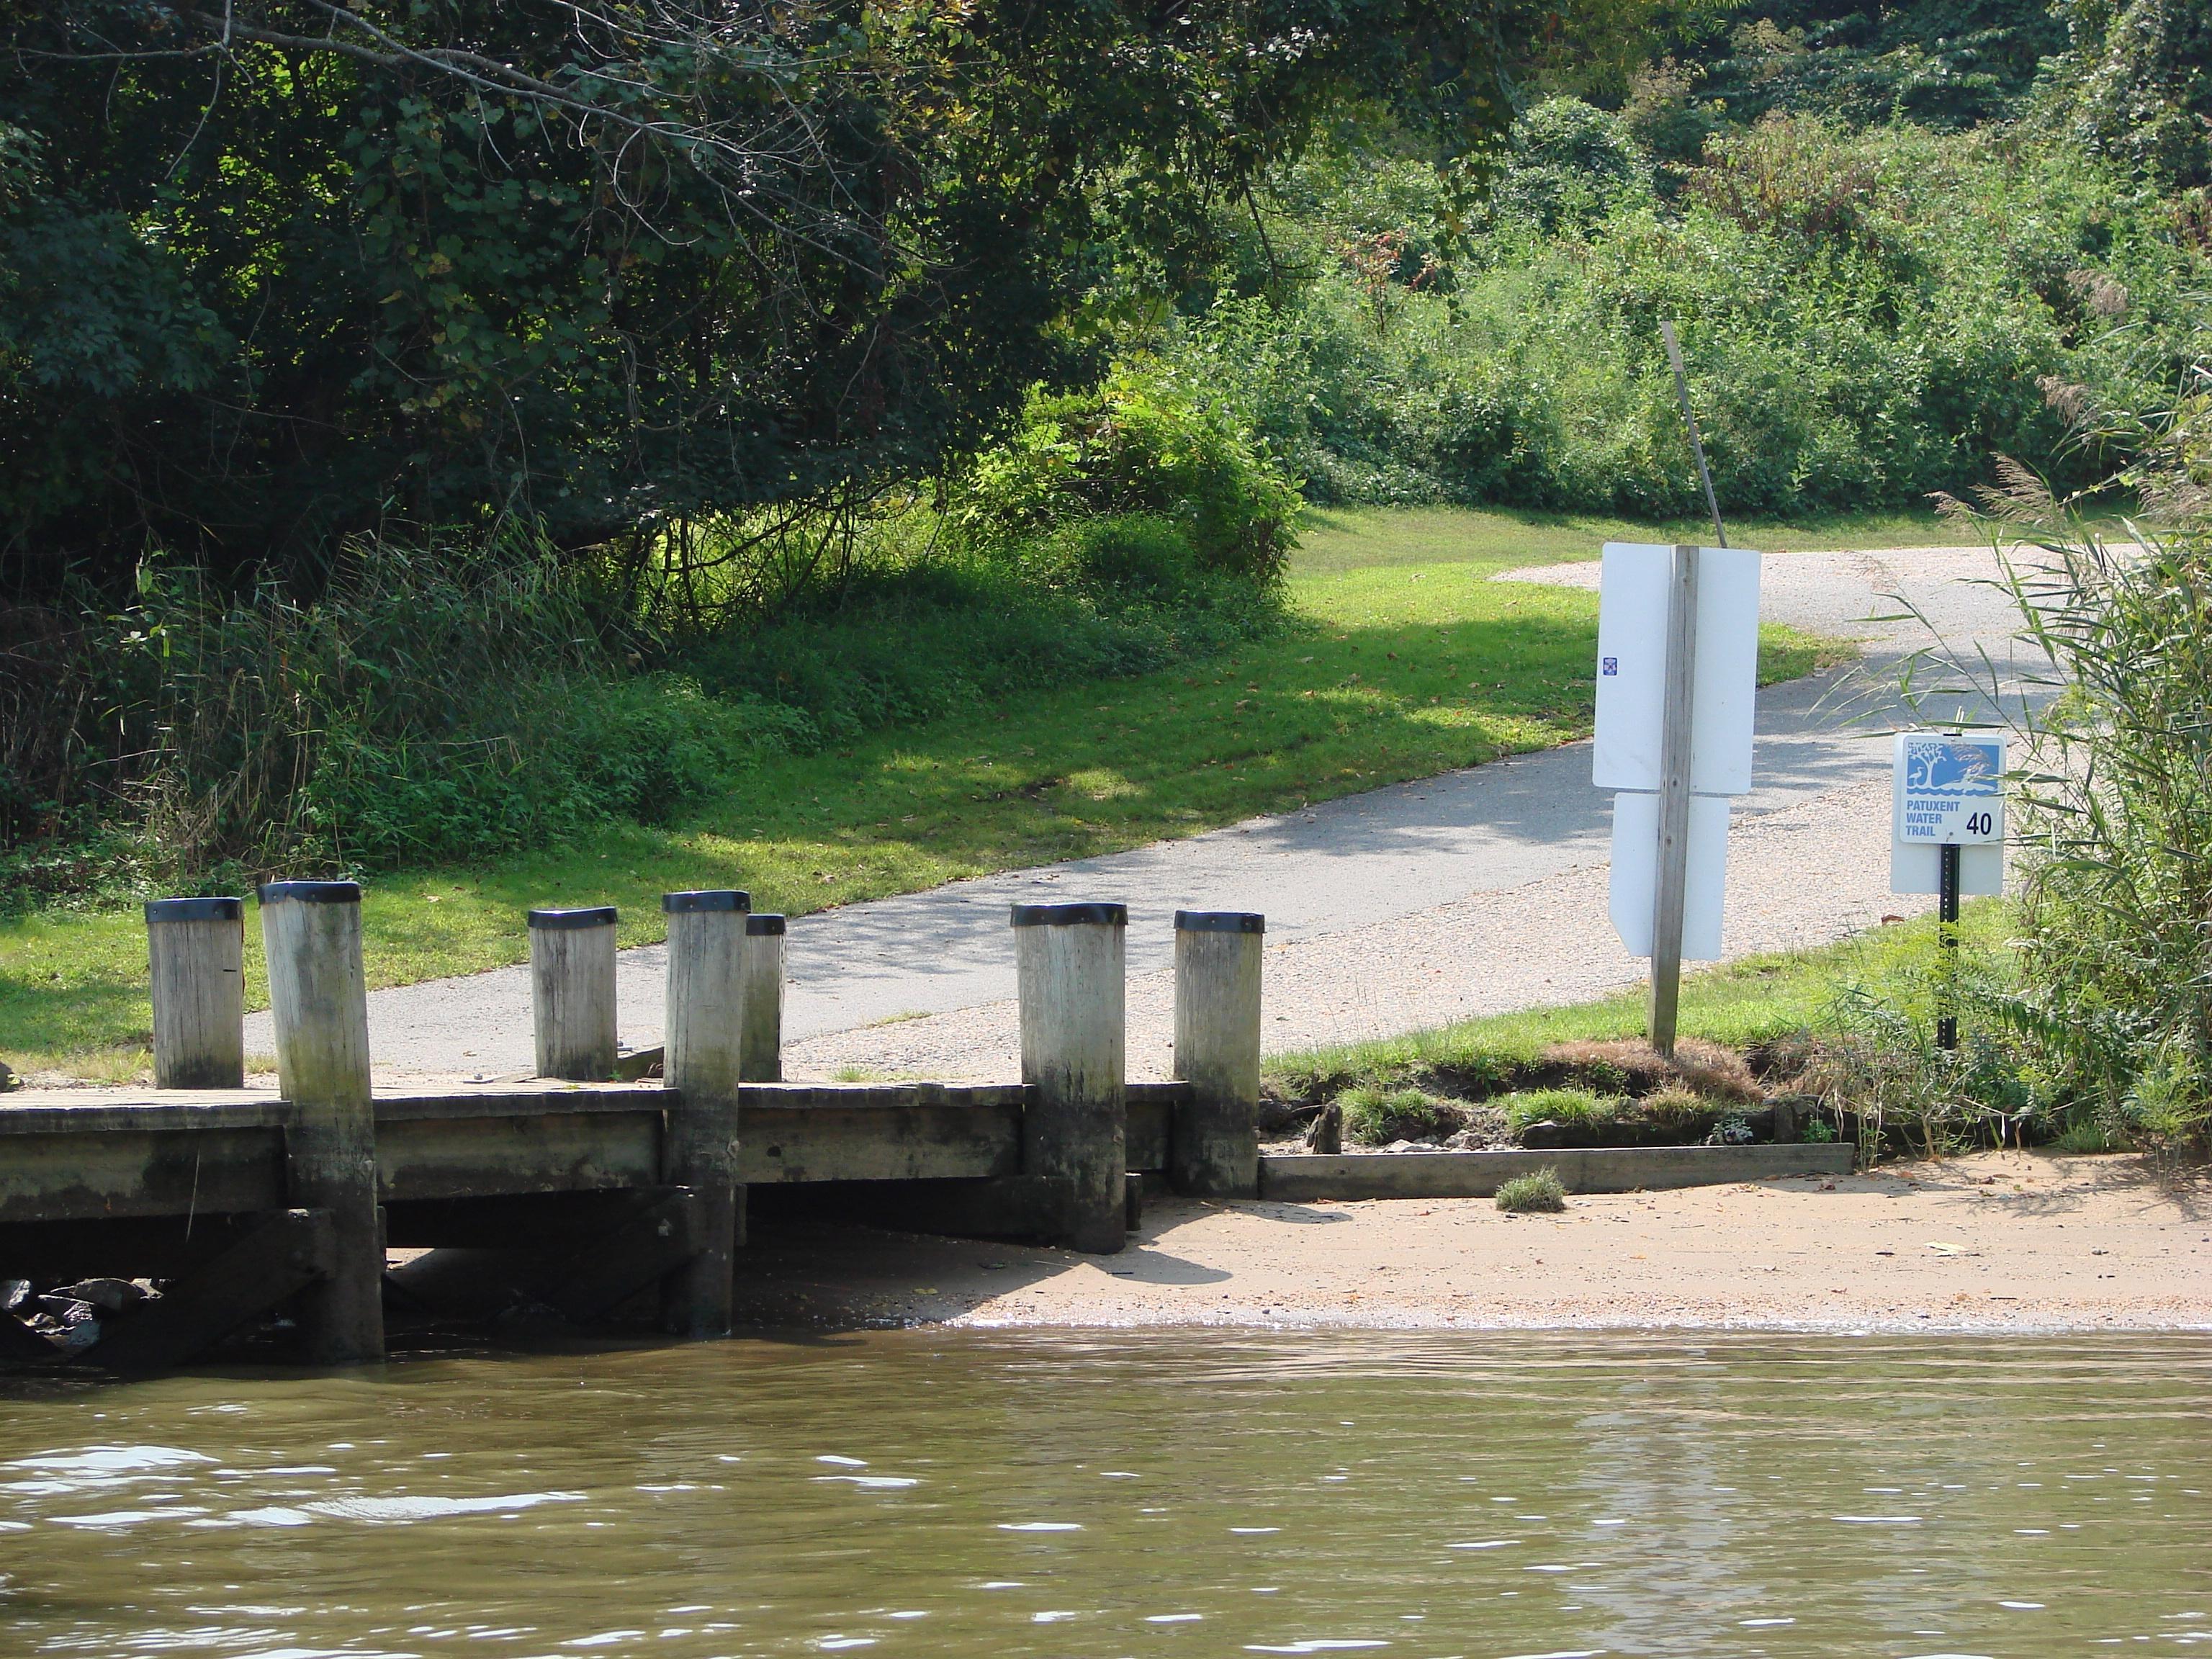 Selby's Landing Launch Site – JBNA Patuxent River Park